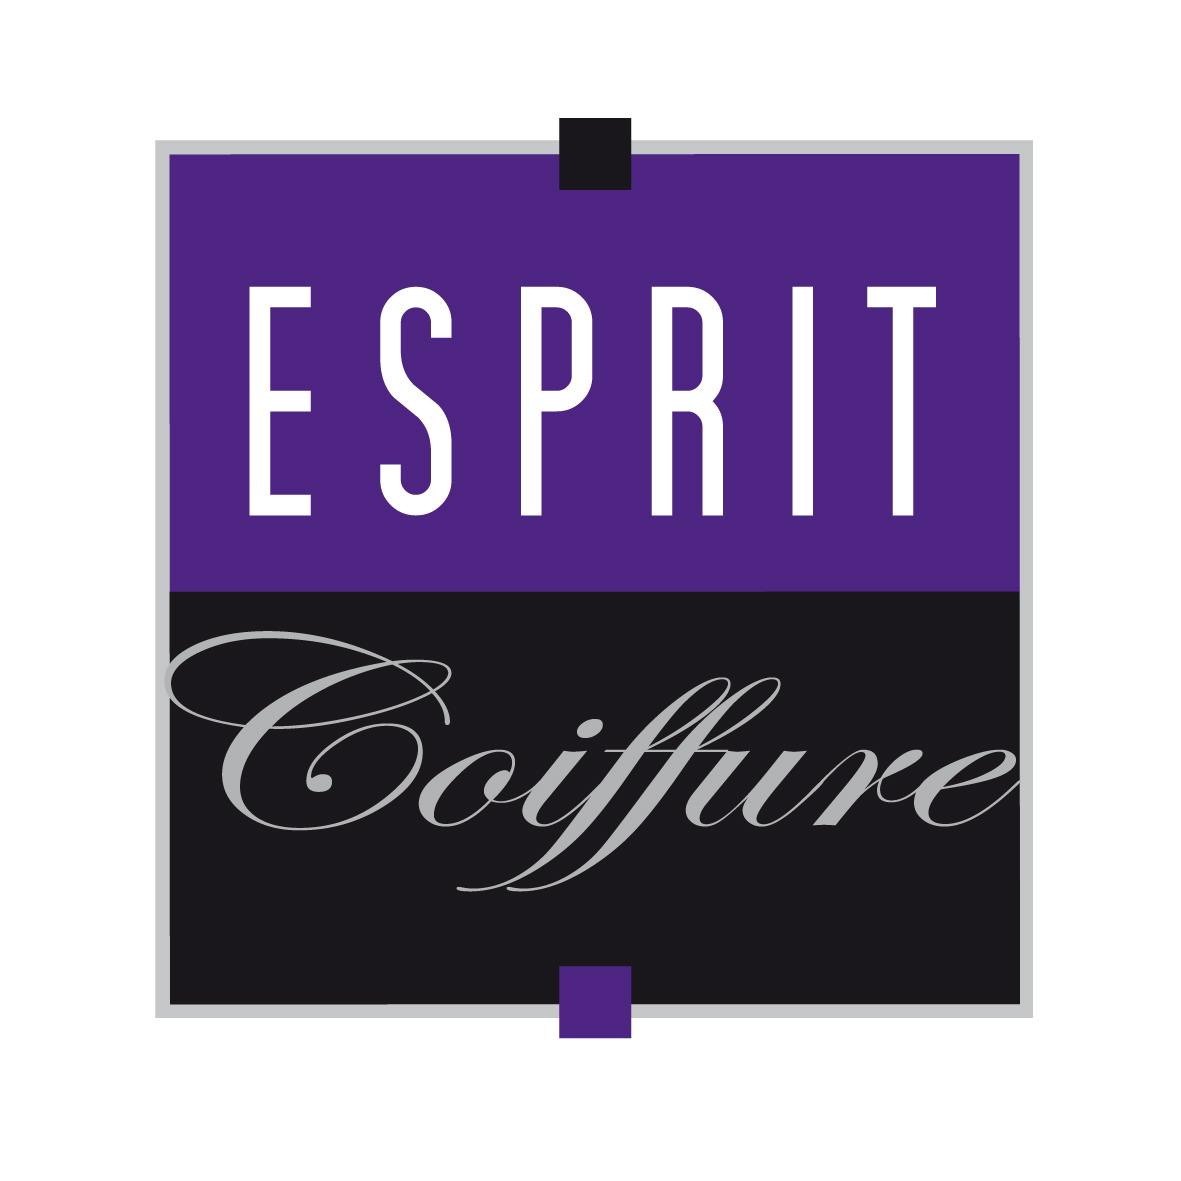 Esprit Coiffure